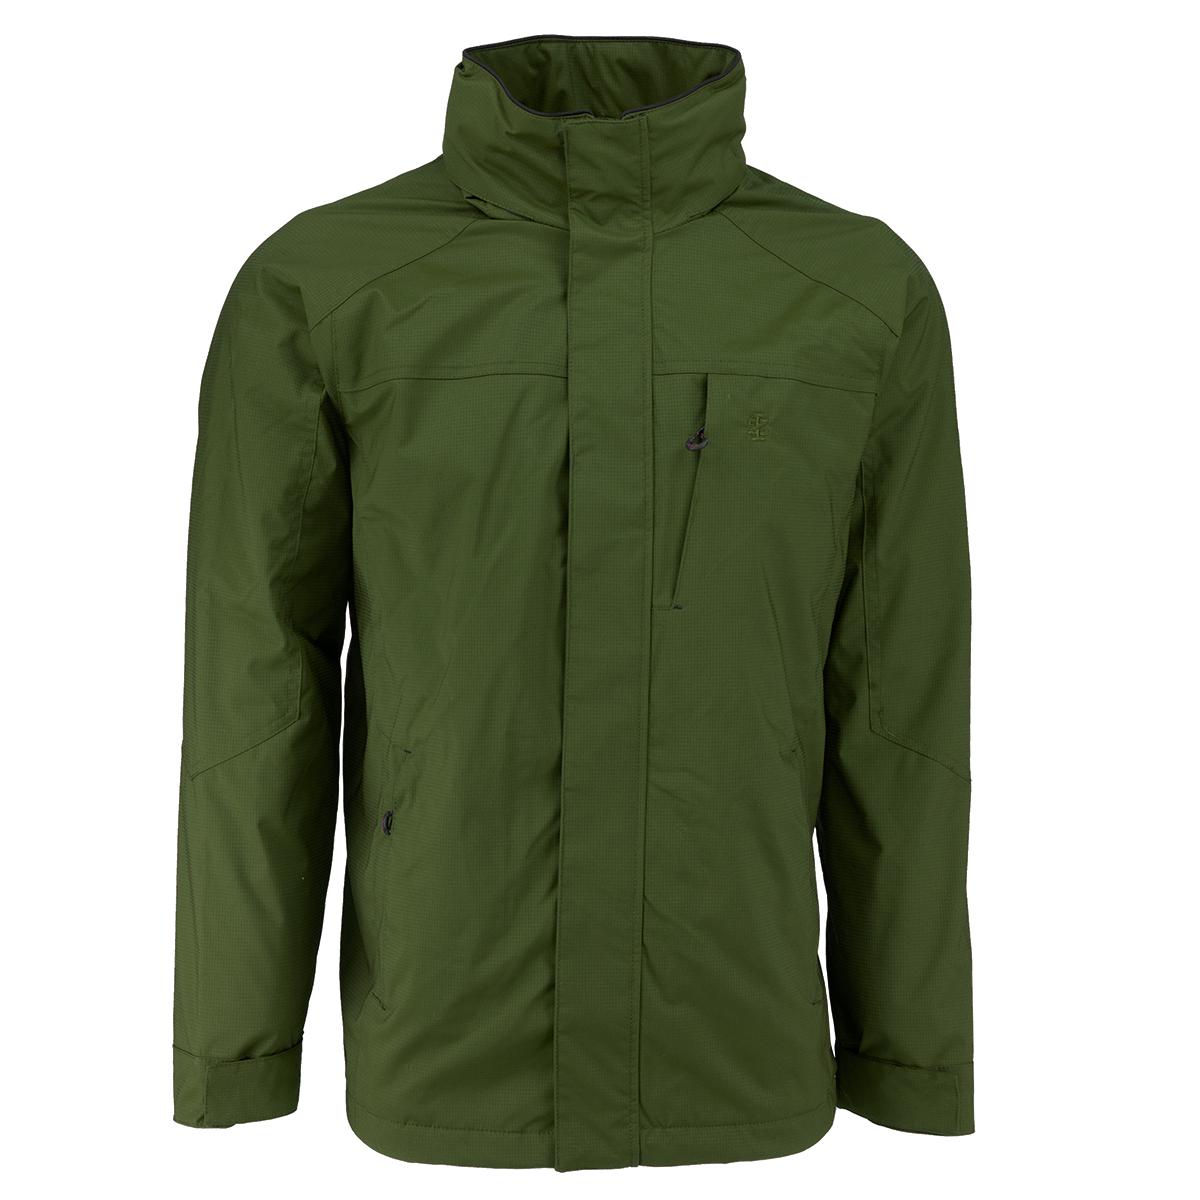 IZOD-Men-039-s-Midweight-Polar-Fleece-Lined-Jacket thumbnail 21